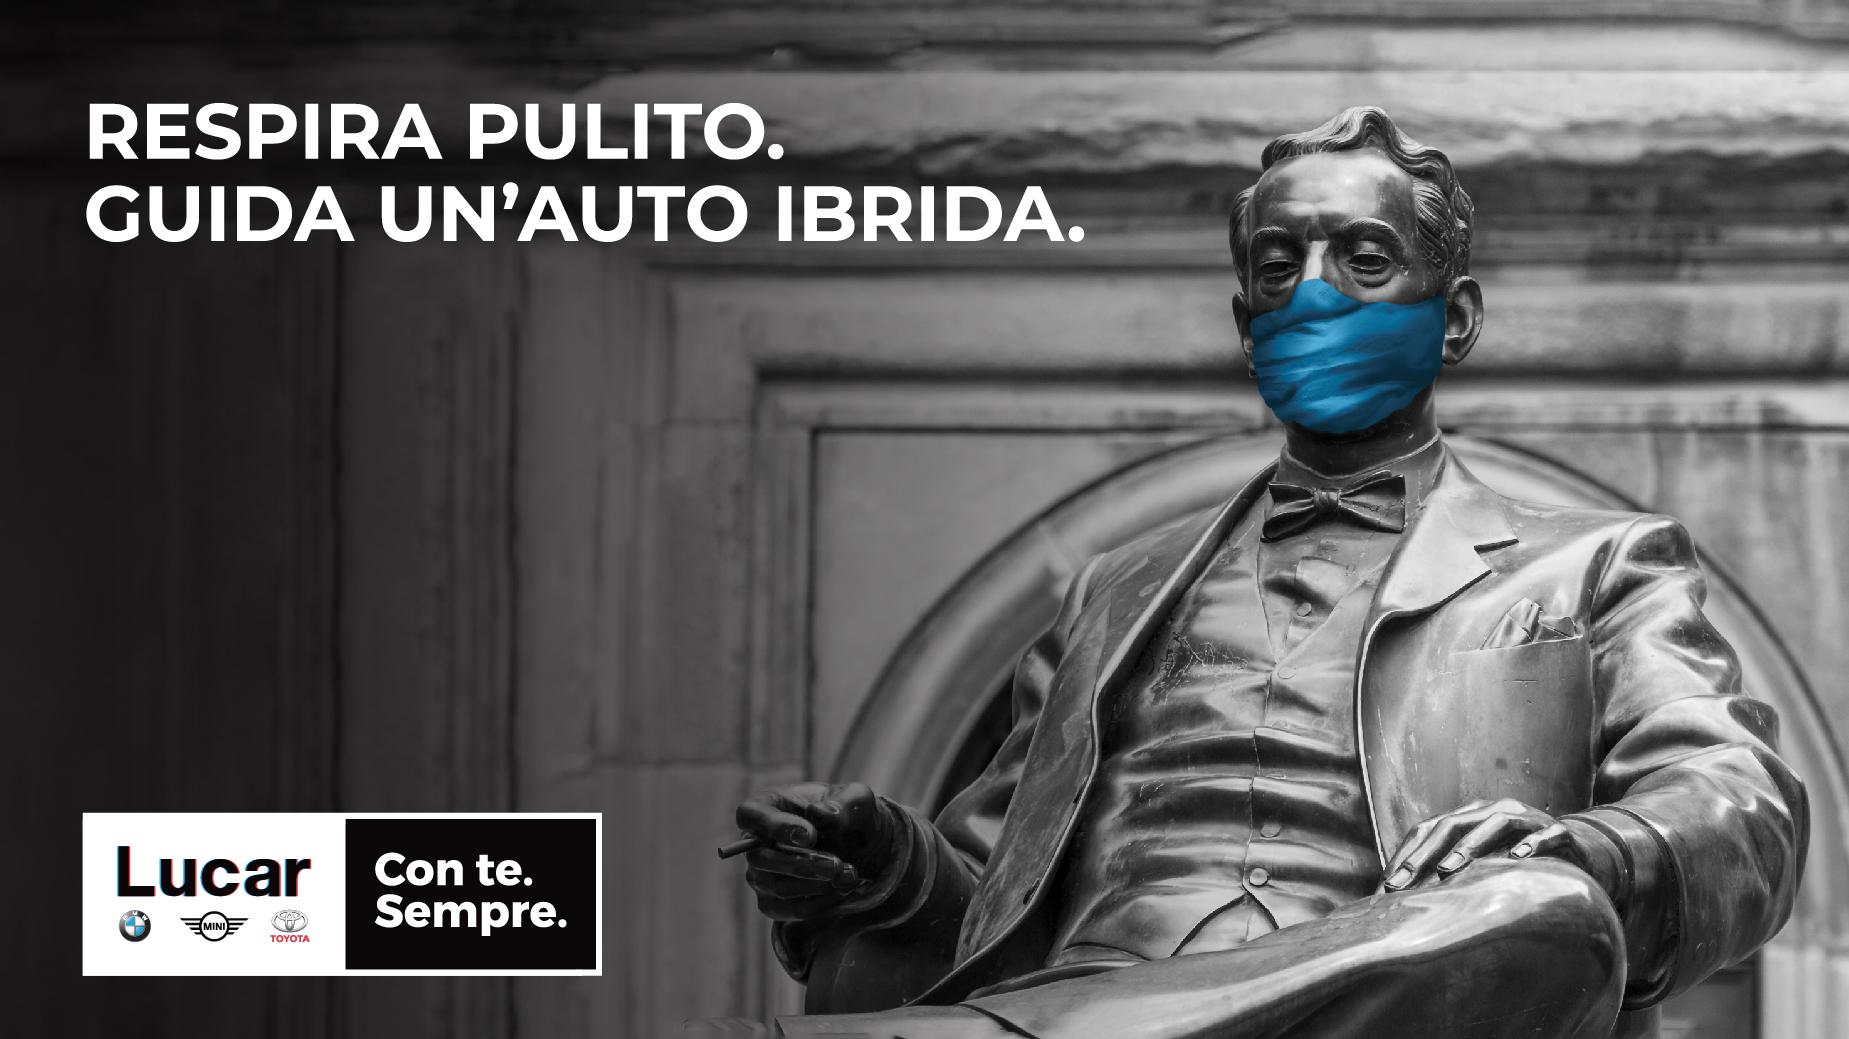 Campagna di sensibilizzazione all'utilizzo della auto ibride promossa per Lucar 2019